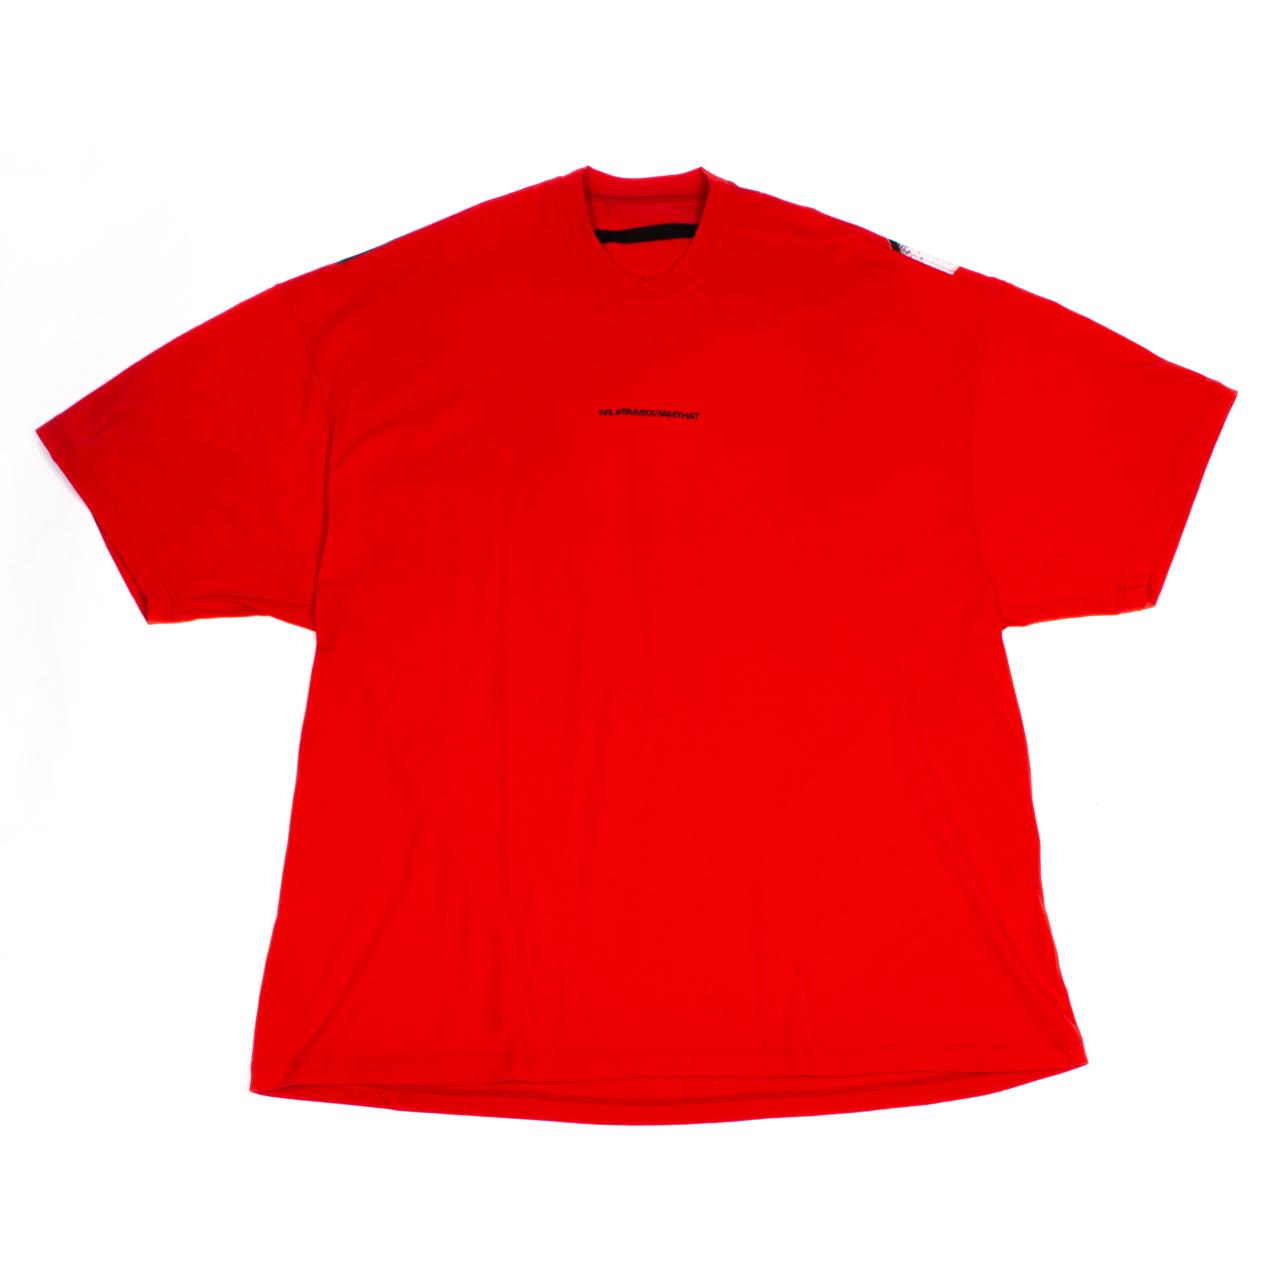 720CPM5-RED / オーバーサイズ バックプリント Tシャツ